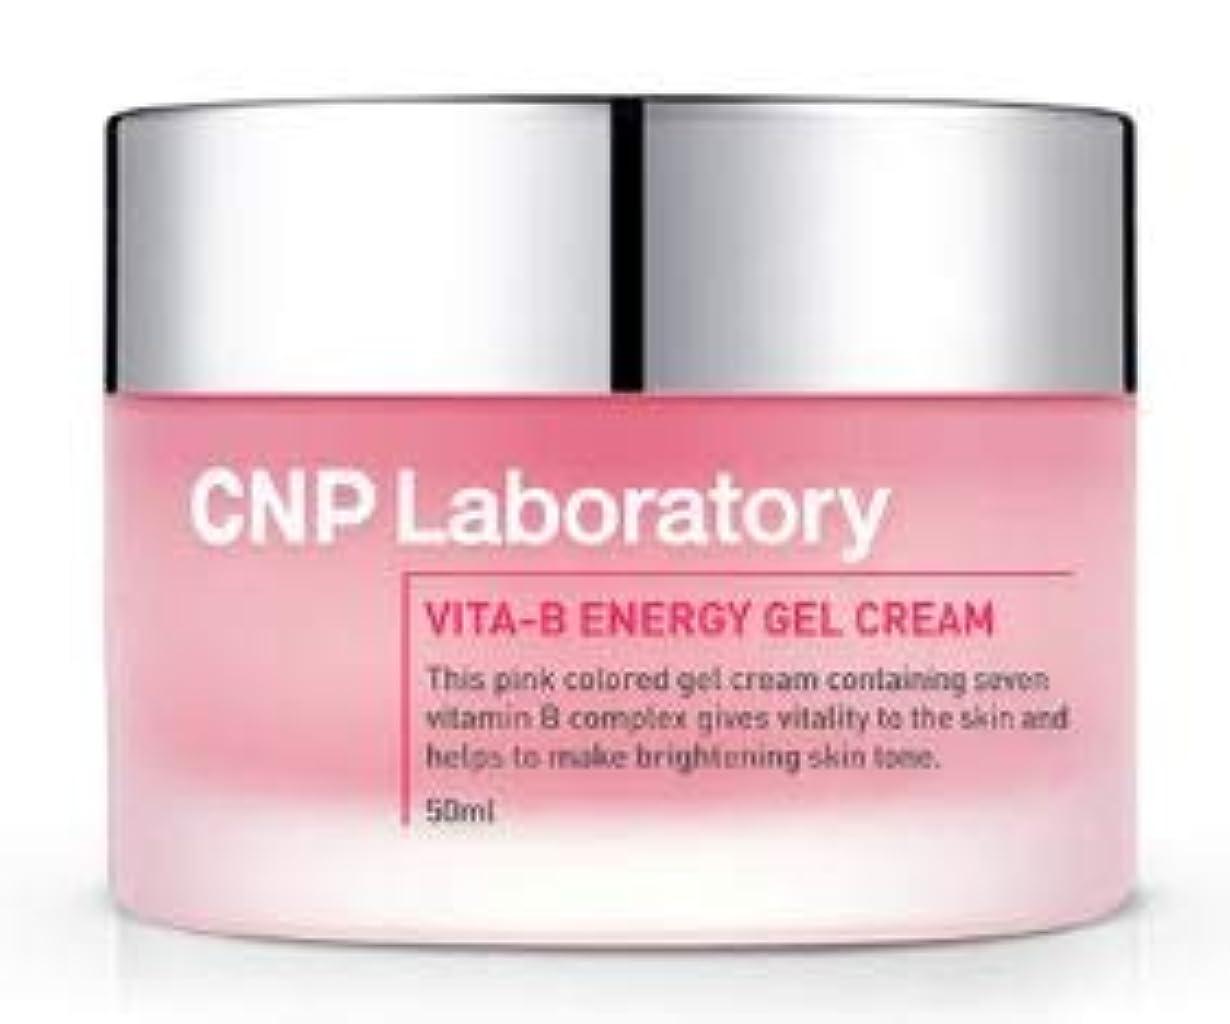 干ばつ汚染されたパッチ[CHA&PARK(CNP)] Vita-B Energy Gel Cream 50ml /[チャアンドパク(CNP)] ビタ-B エネルギー ジェル クリーム 50ml [並行輸入品]